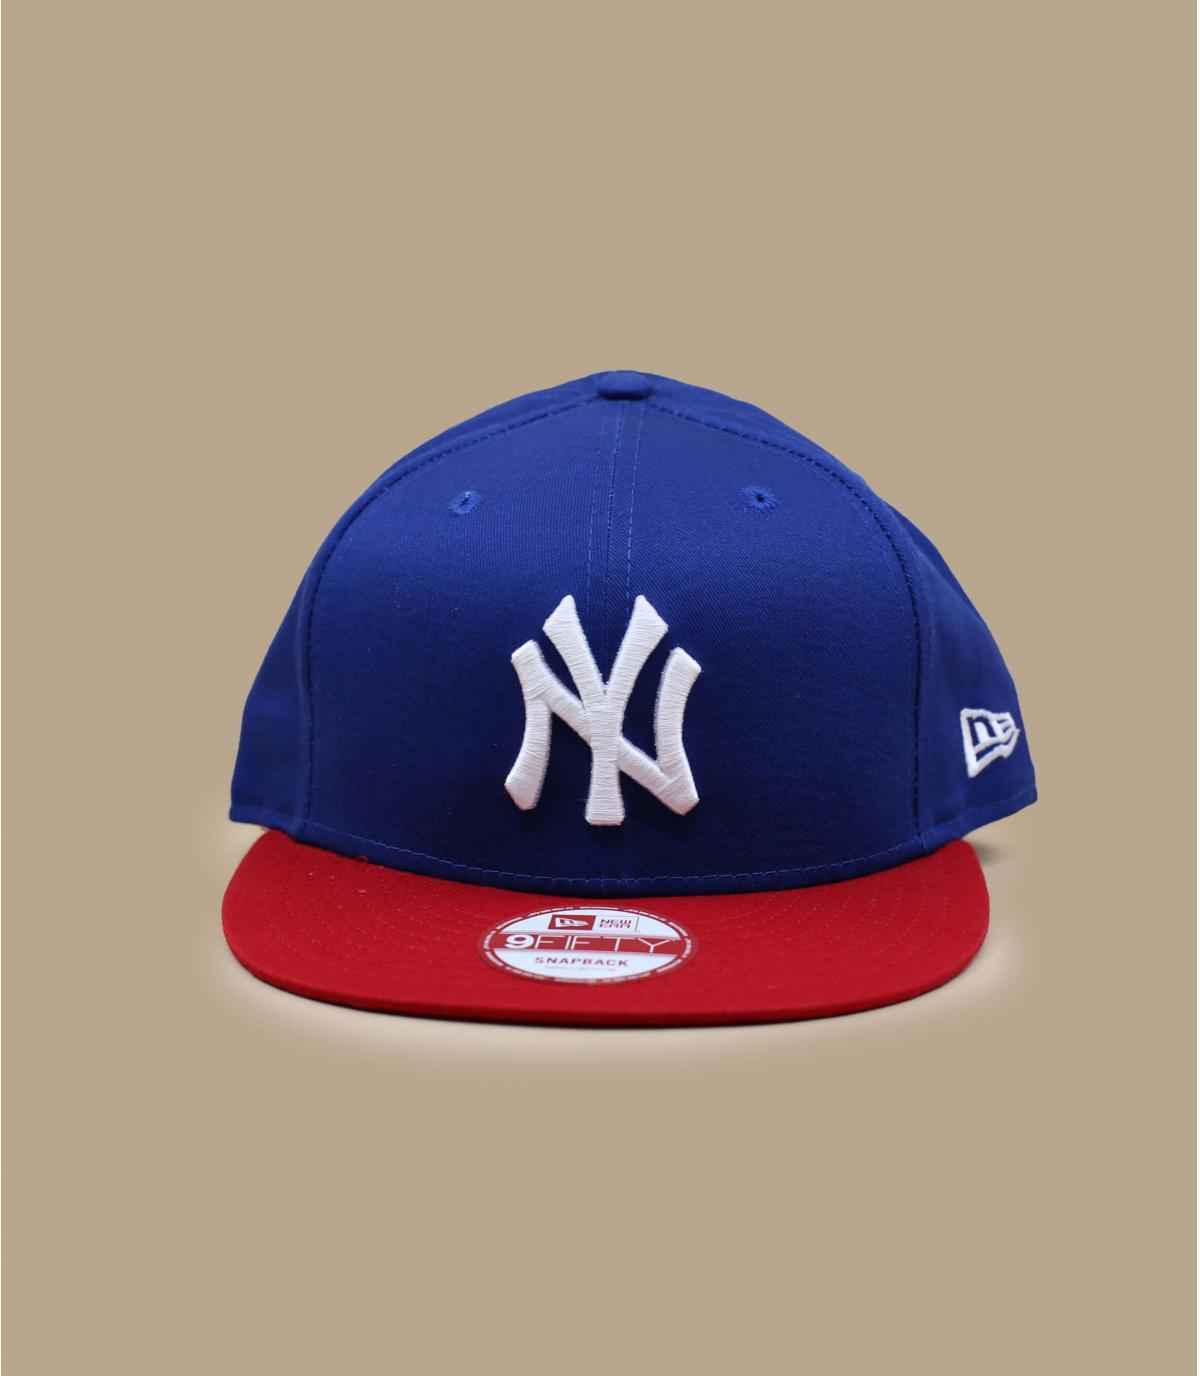 Détails Snapback NY bleue rouge - image 2